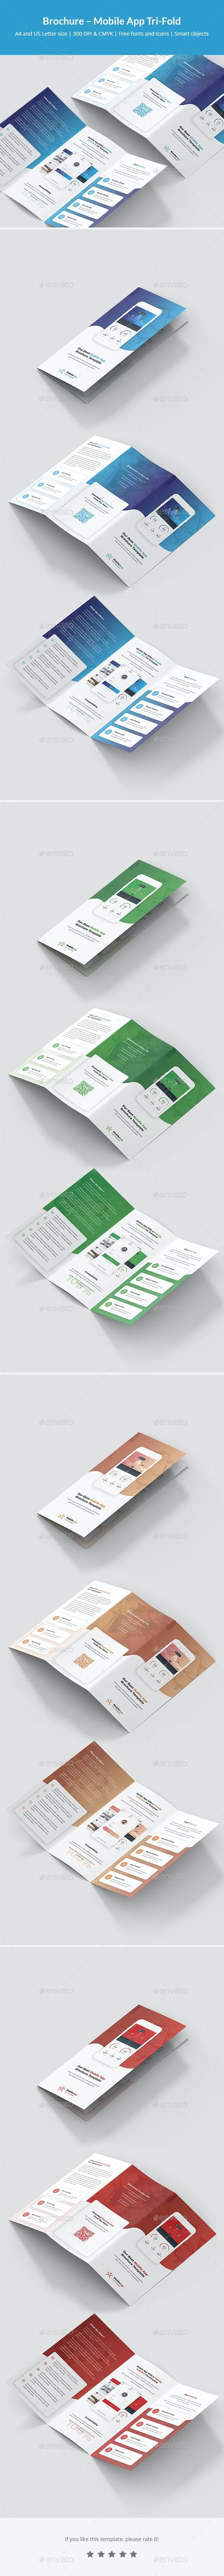 Brochure – Mobile App Tri-Fold - Informational Brochures